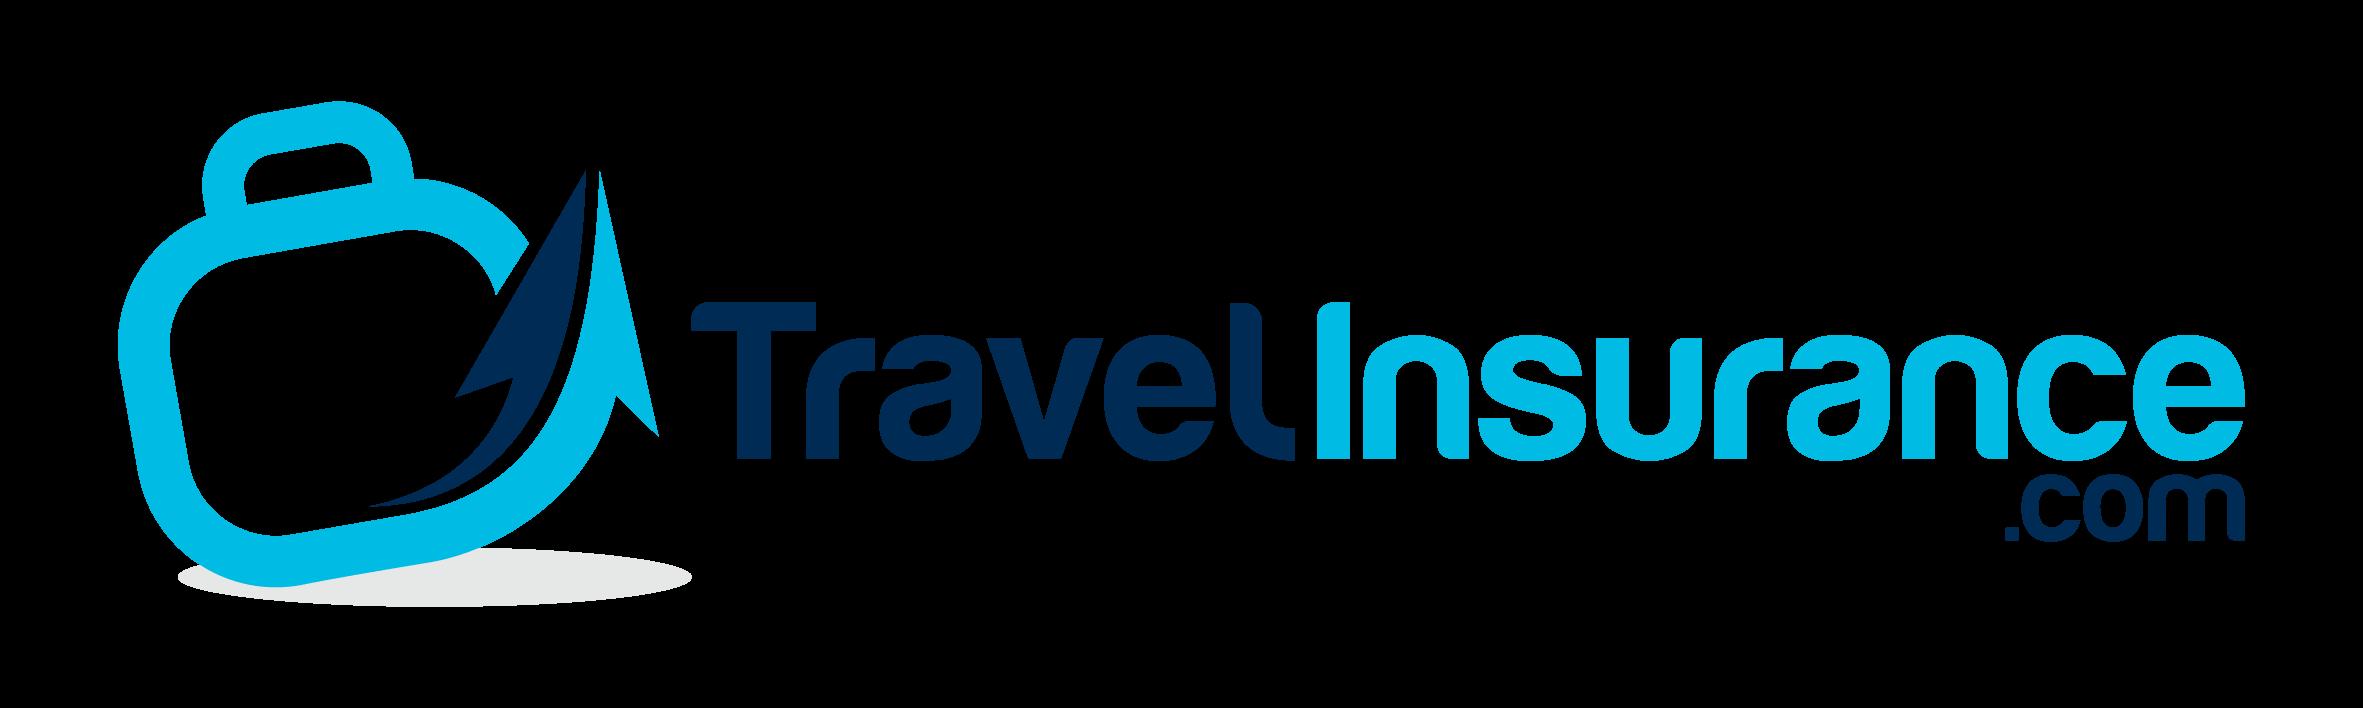 TravelInsurance.com Logo